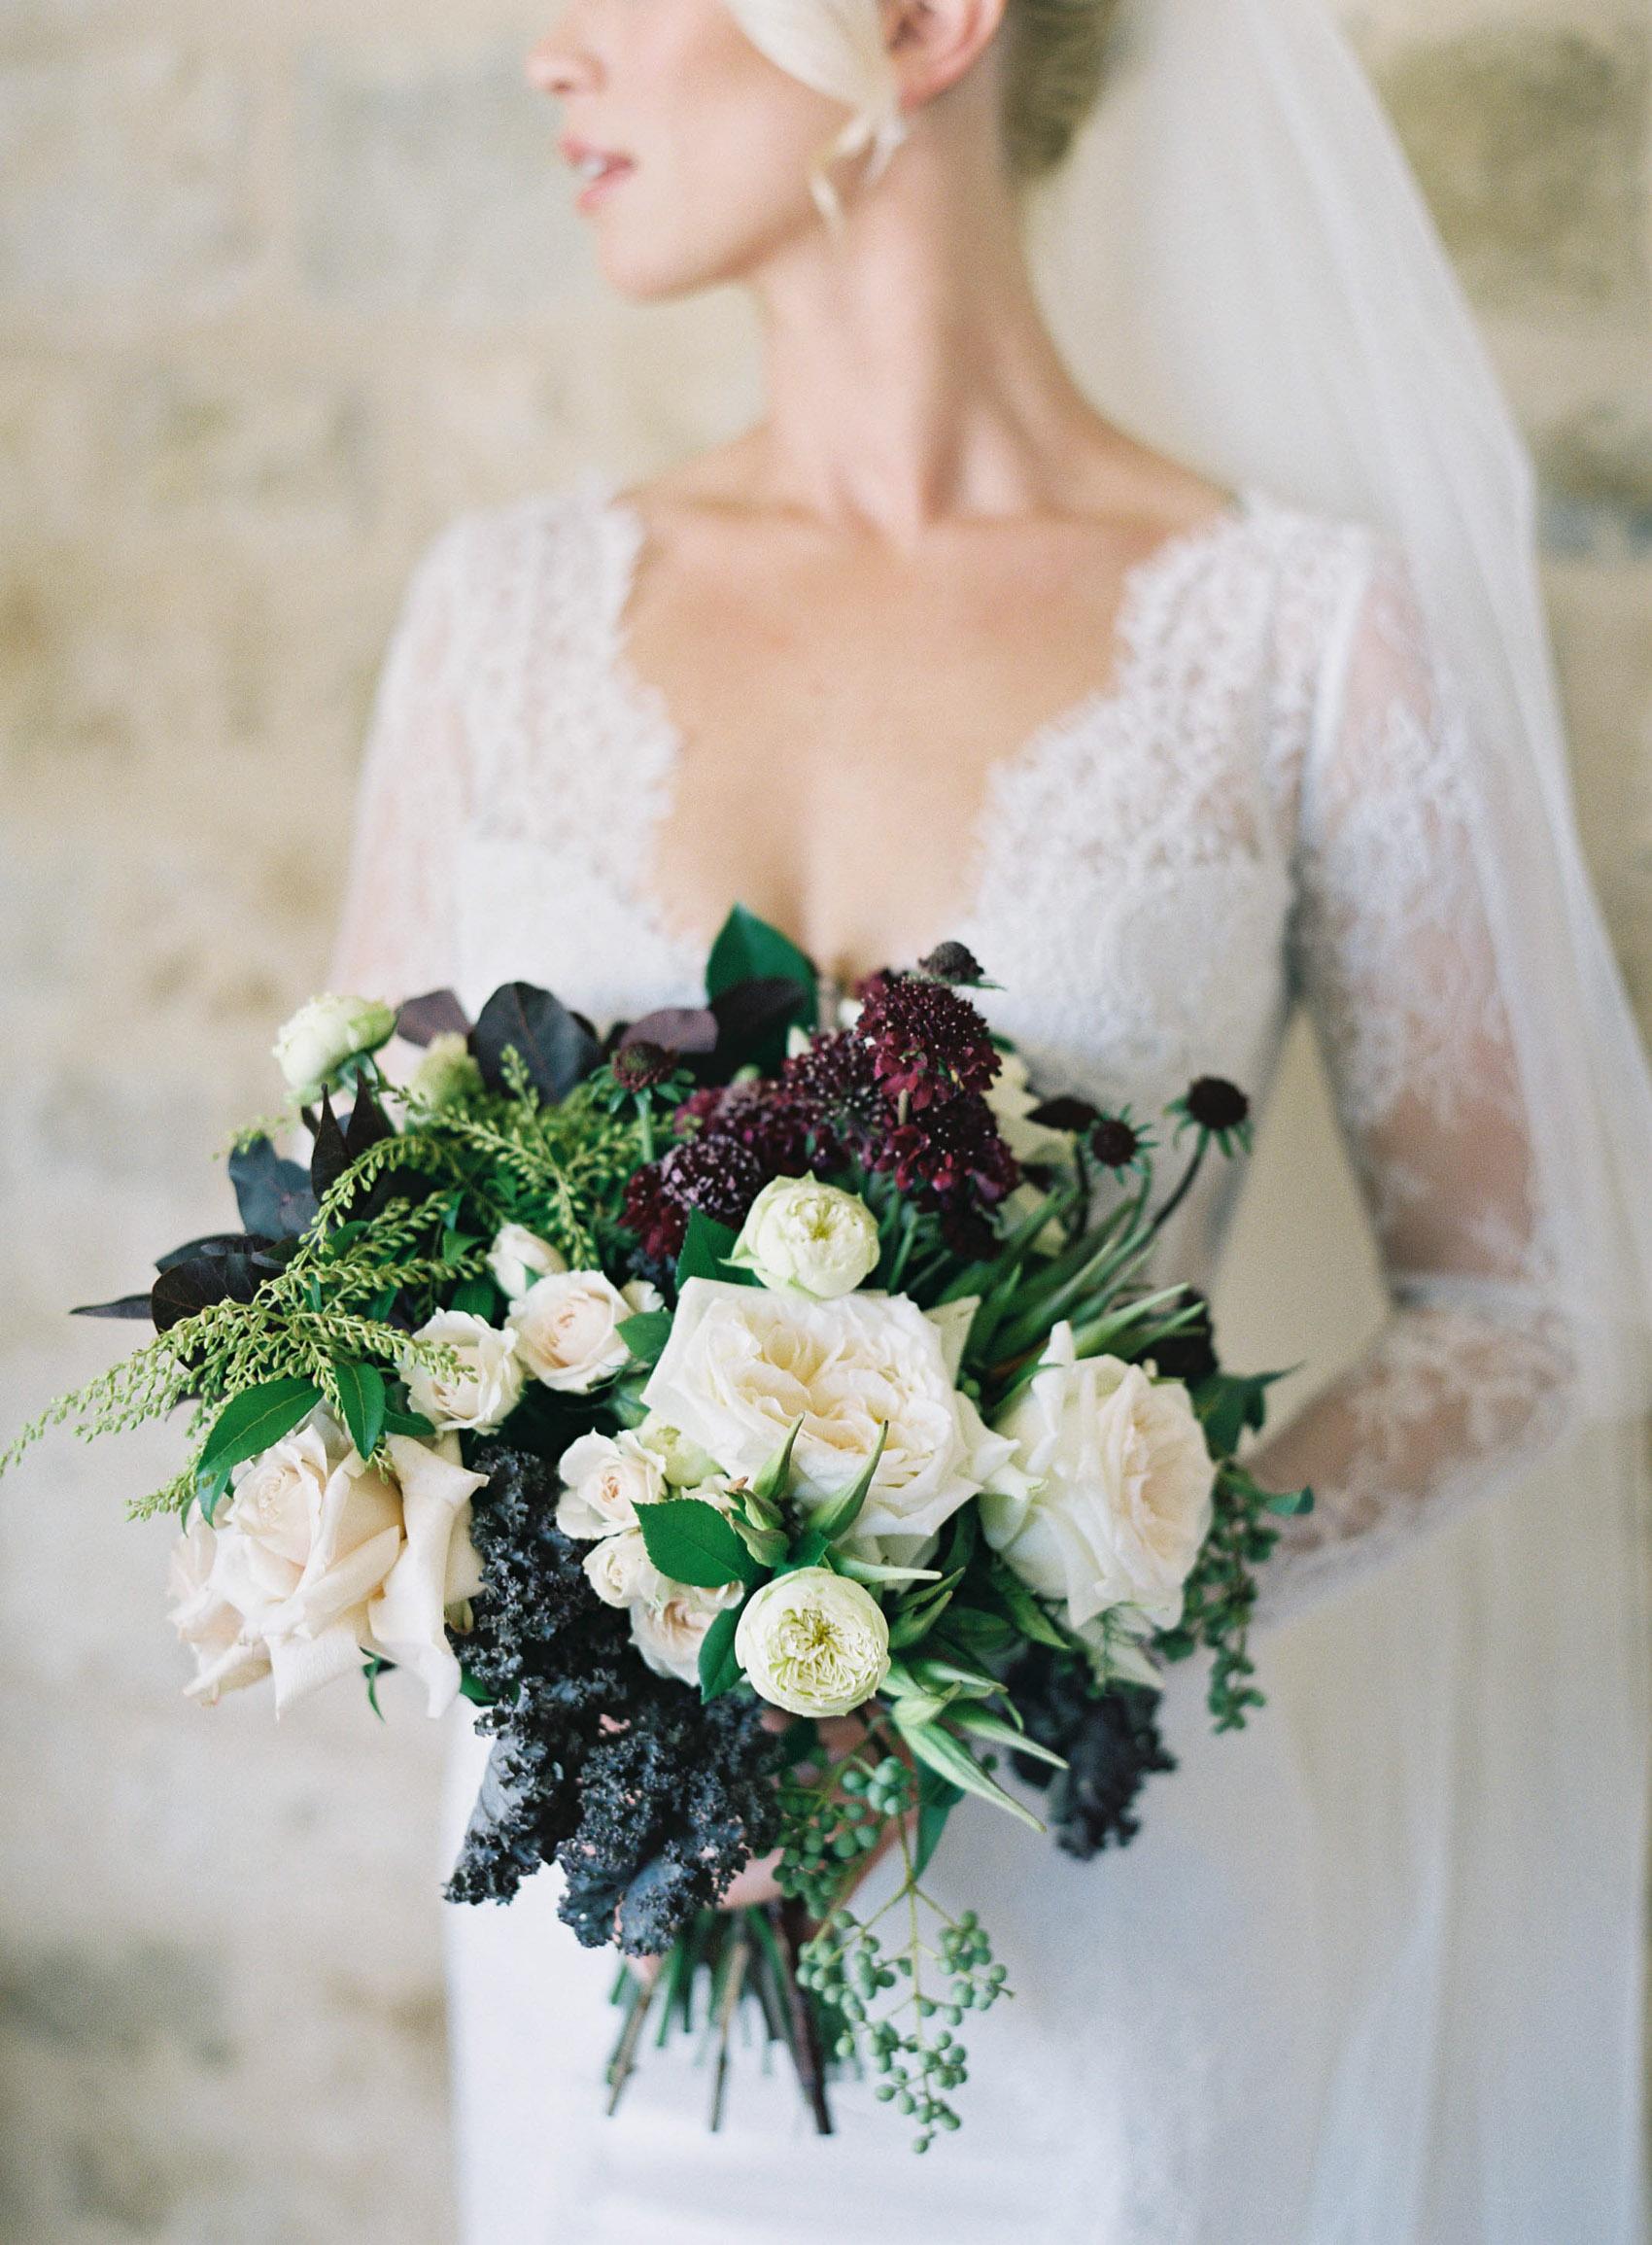 Sunstone_Villa_Wedding-19-Jen-Huang-JTEd-43-Jen_Huang-002824-R1-005.jpg